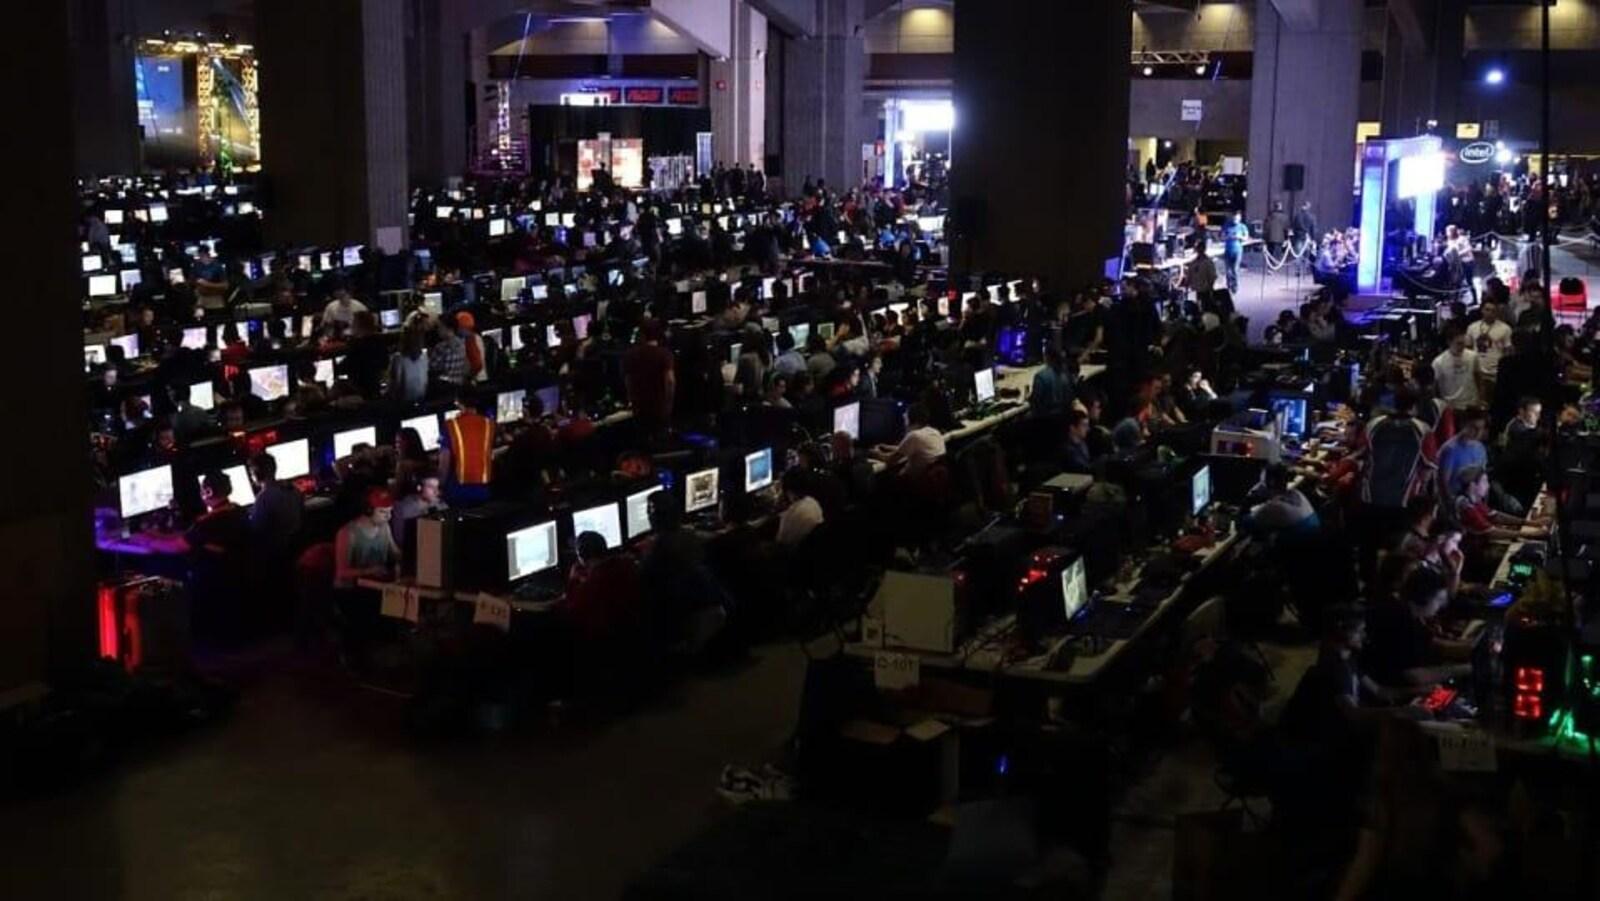 Quelques centaines de joueurs fourmillent dans une grande salle au travers des  rangées où sont installé les ordinateurs.